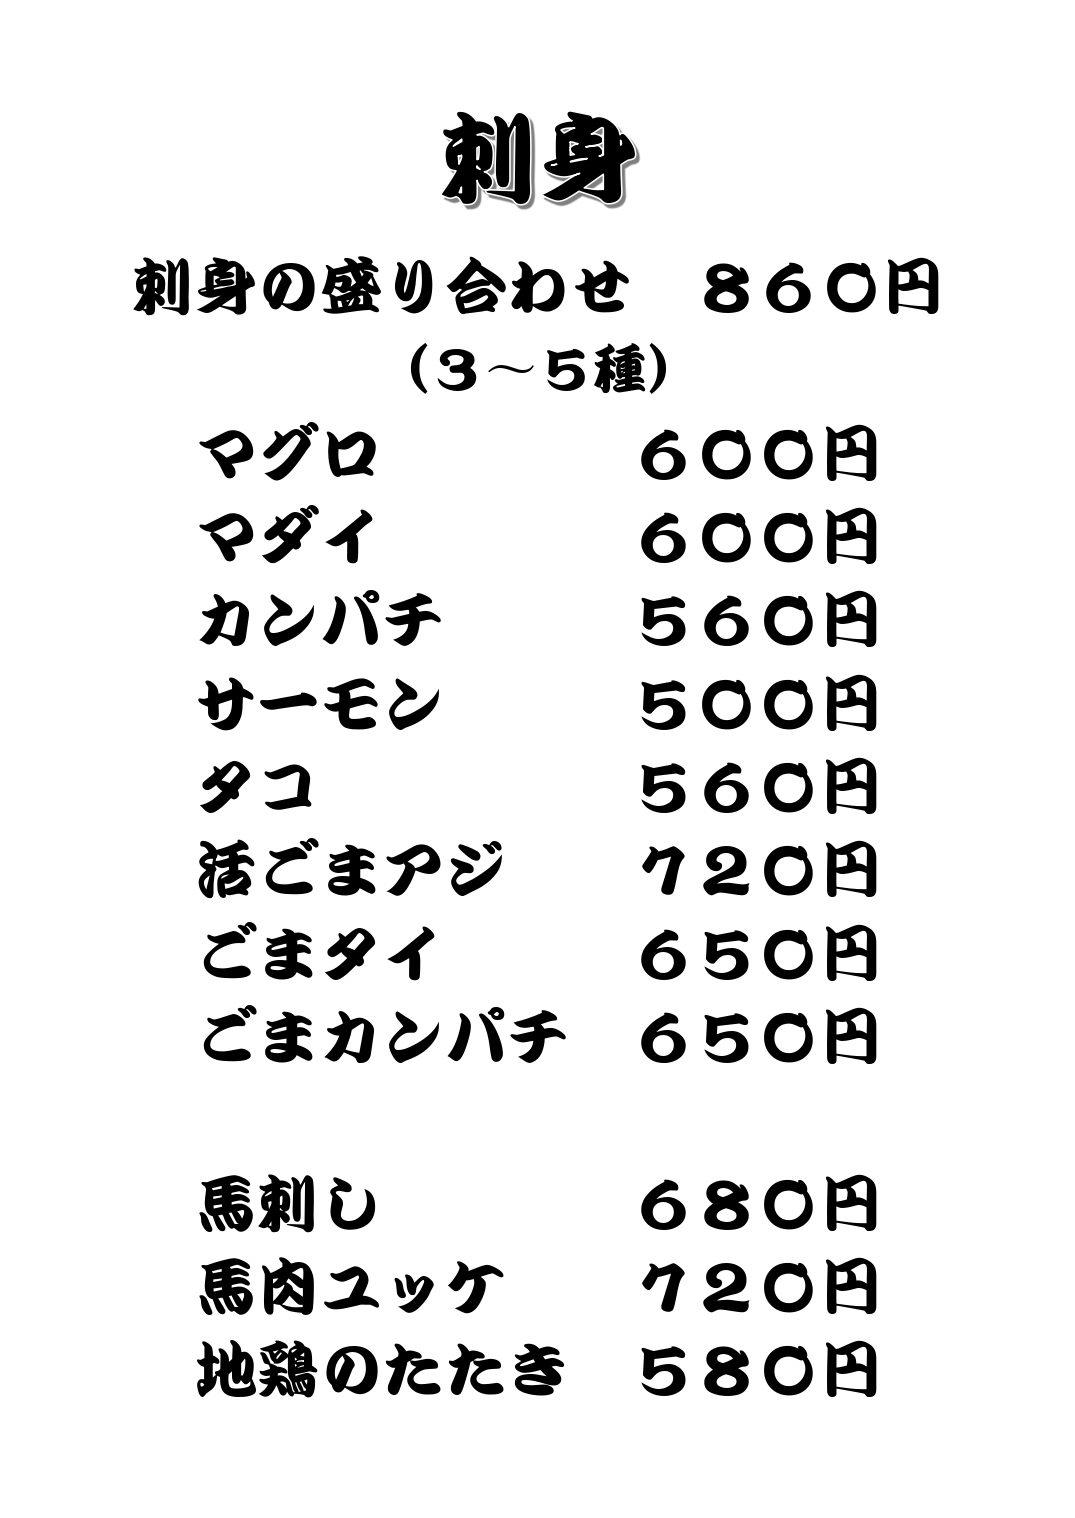 刺身メニュー_page-0002.jpg